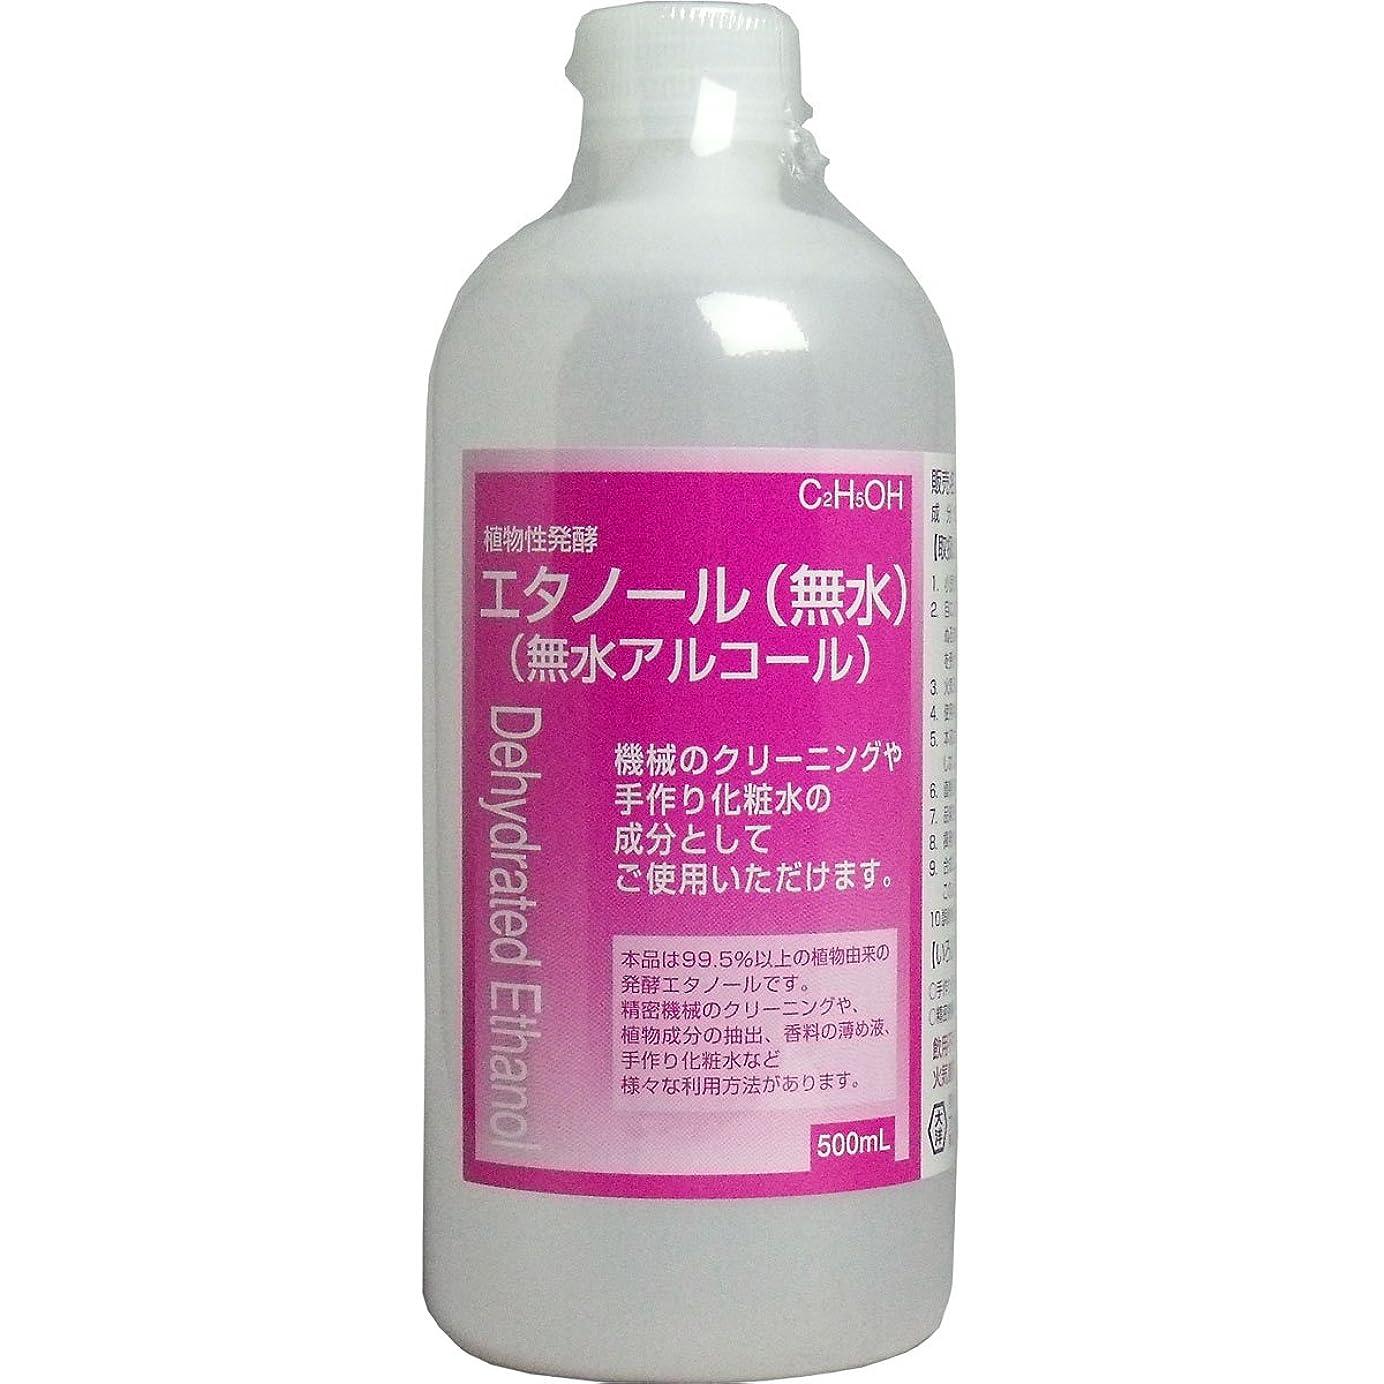 若い虎殺人者手作り化粧水に 植物性発酵エタノール(無水エタノール) 500mL